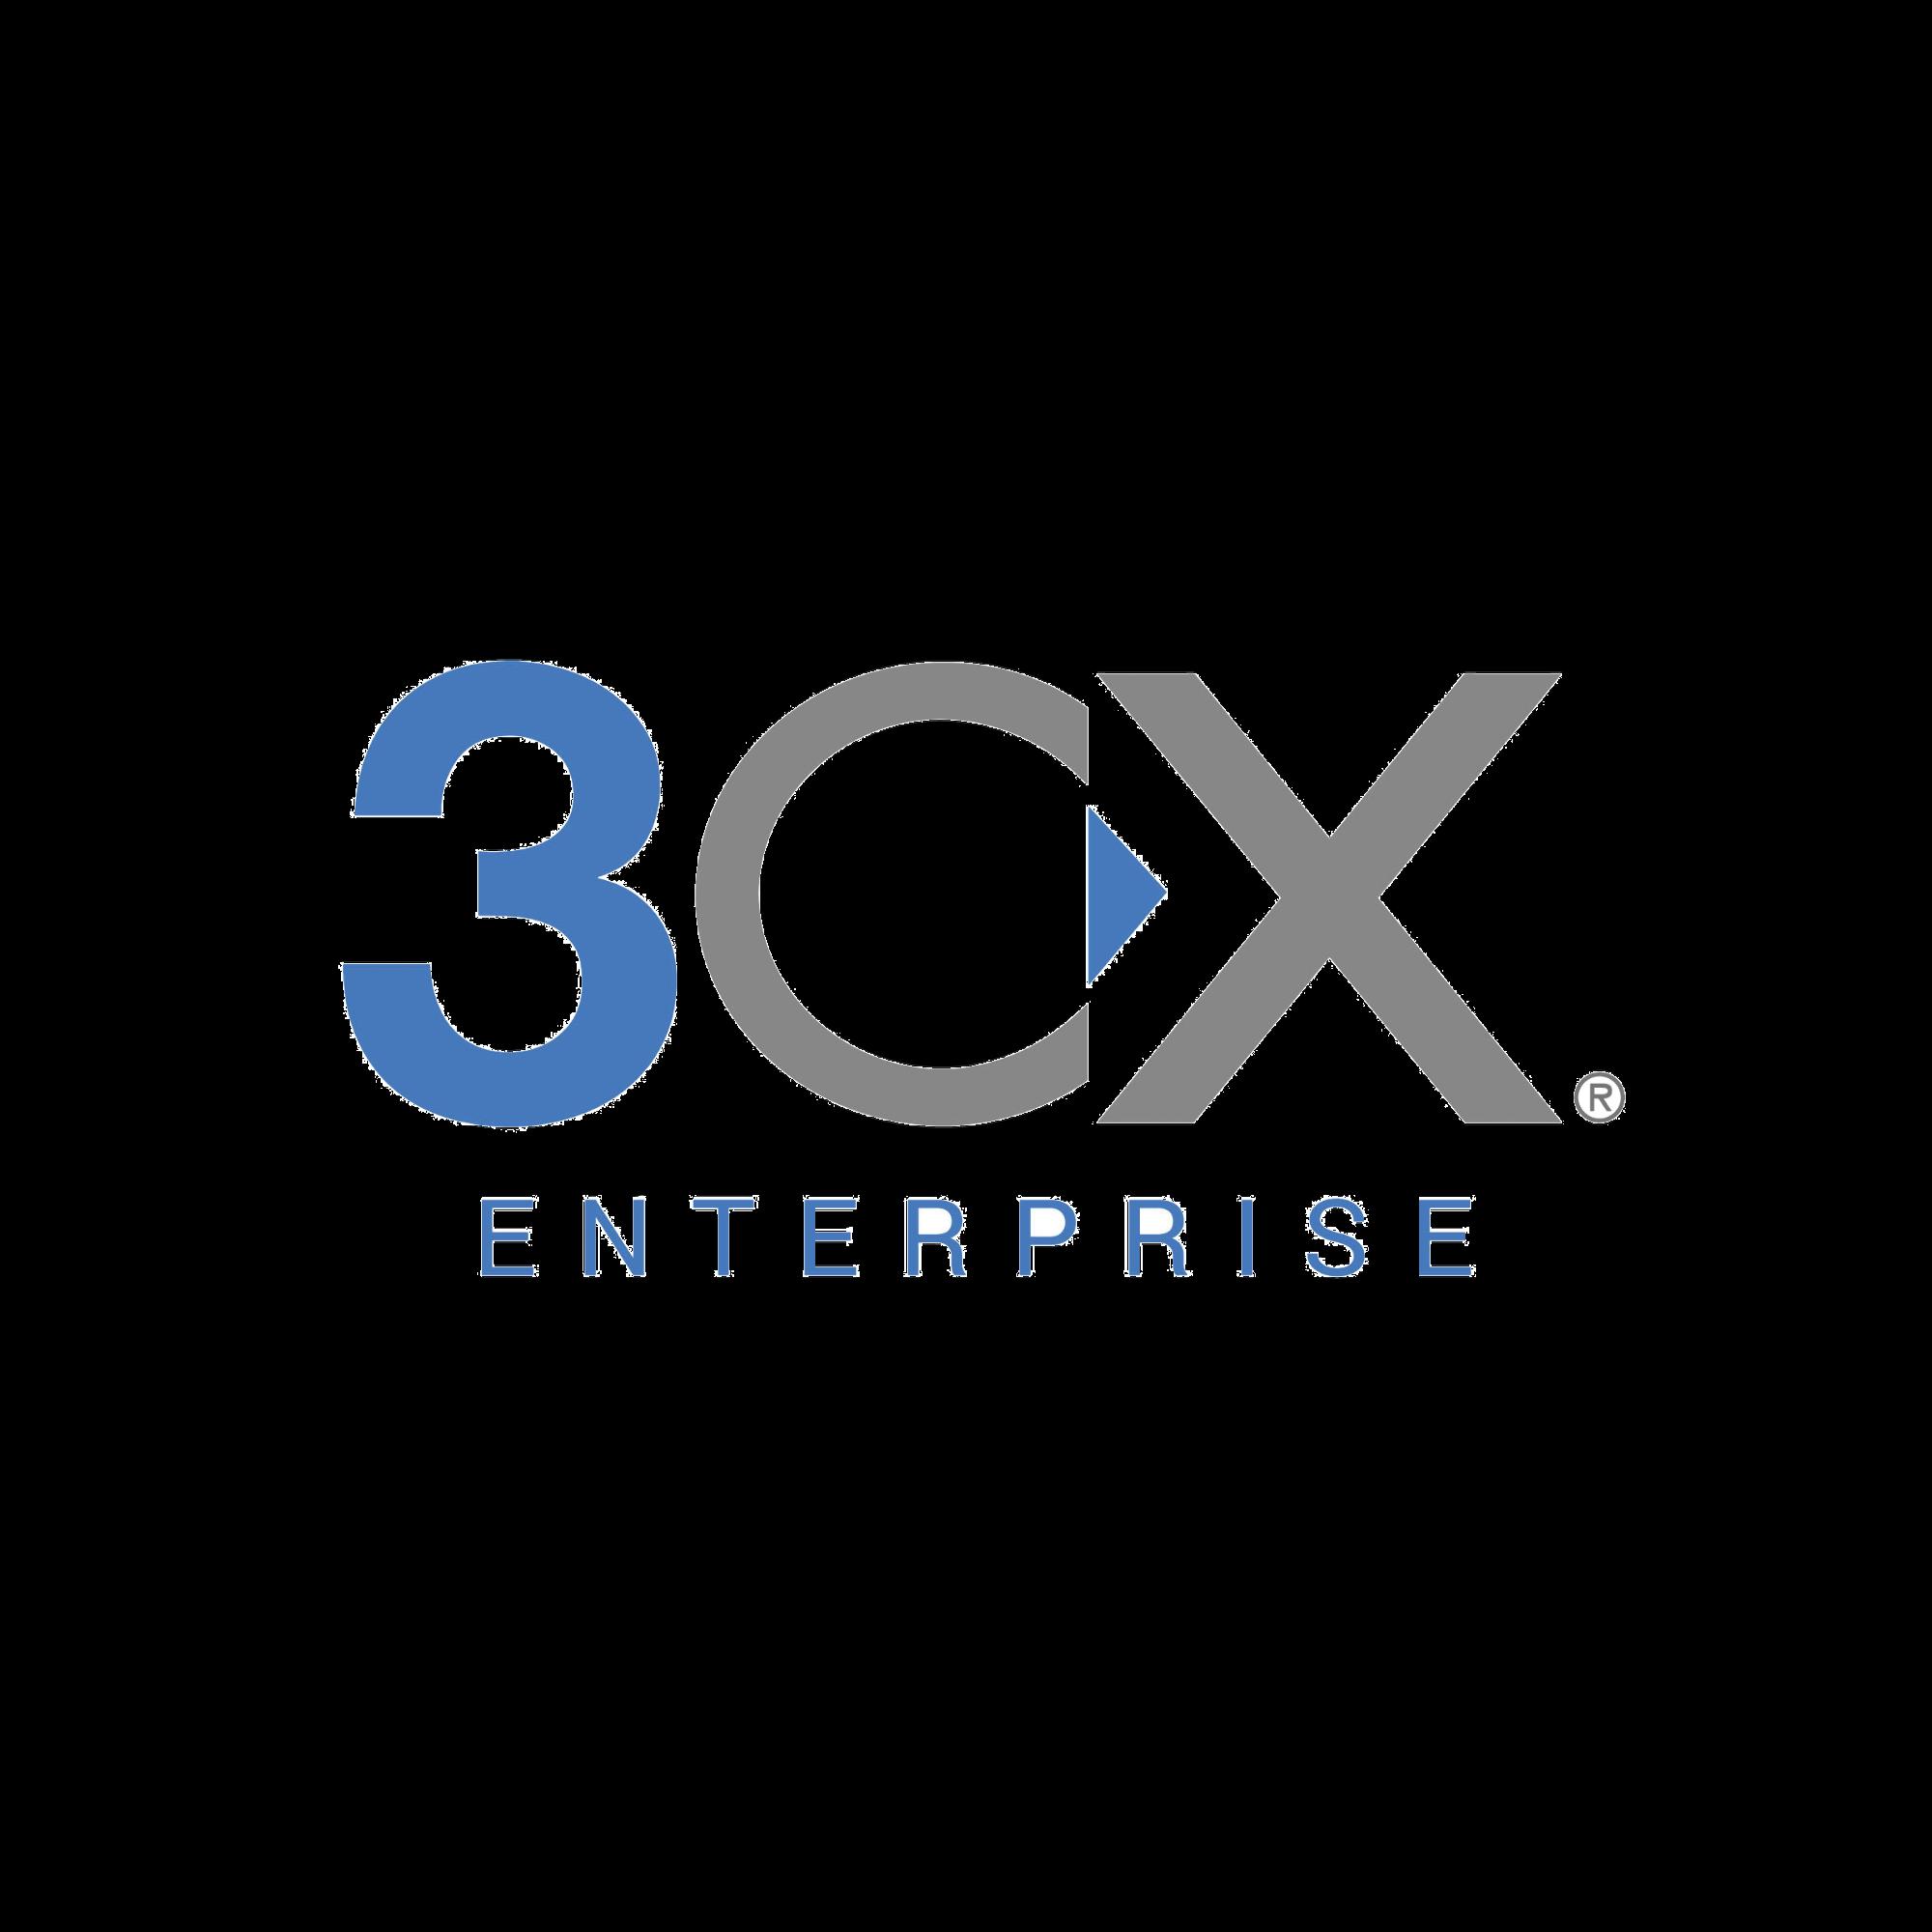 Licencia anual de 3CX Enterprise para 512 llamadas simultáneas y extensiones ilimitadas